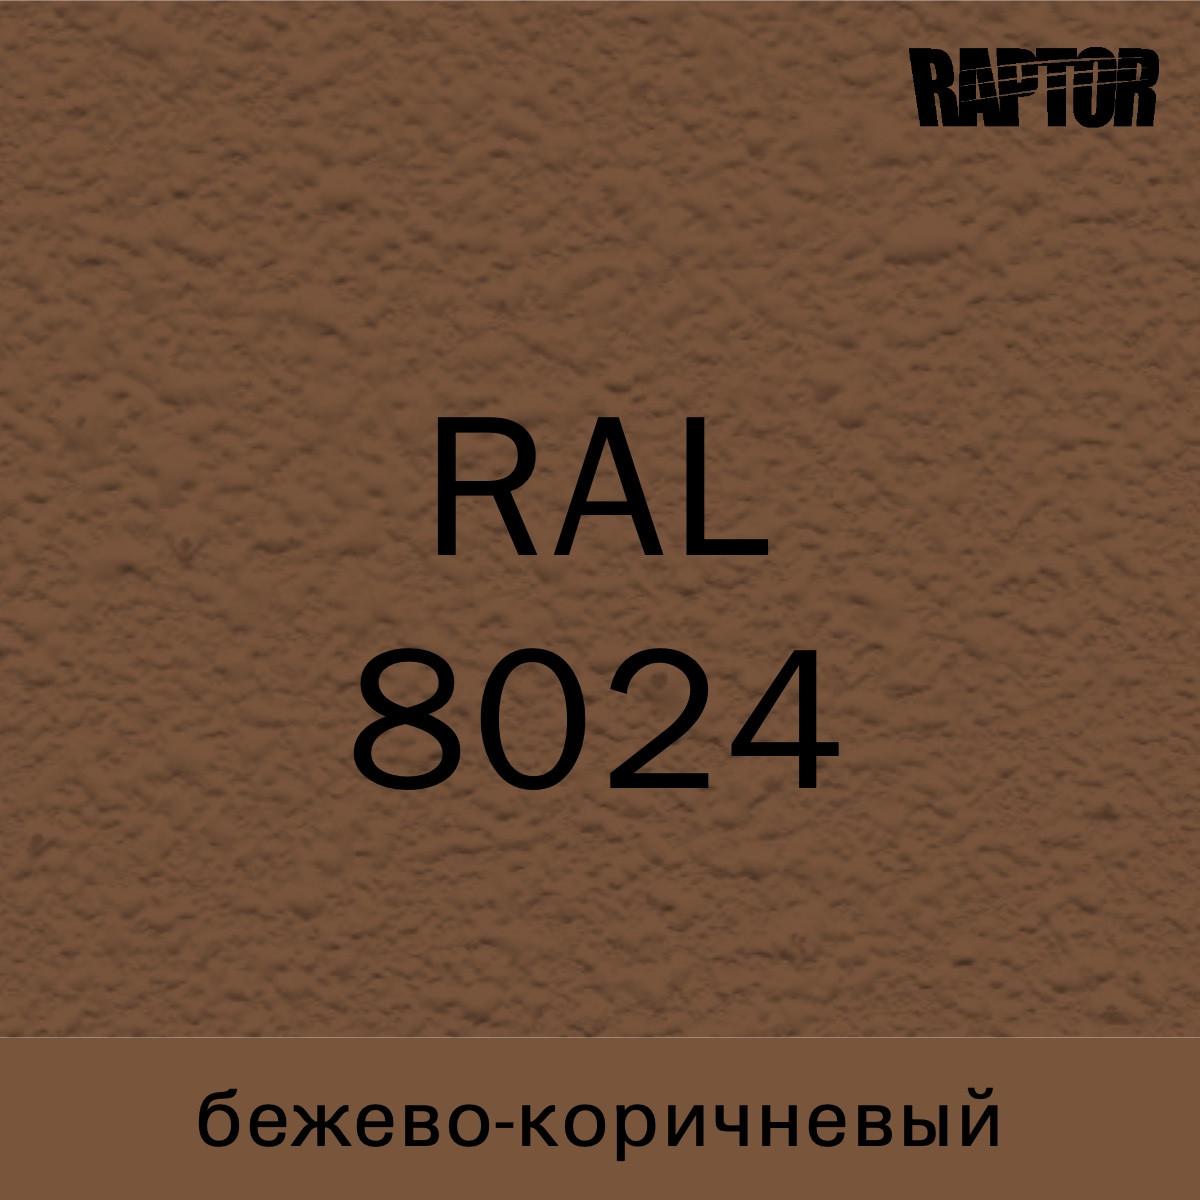 Пигмент для колеровки покрытия RAPTOR™ Бежево-коричневый (RAL 8024)